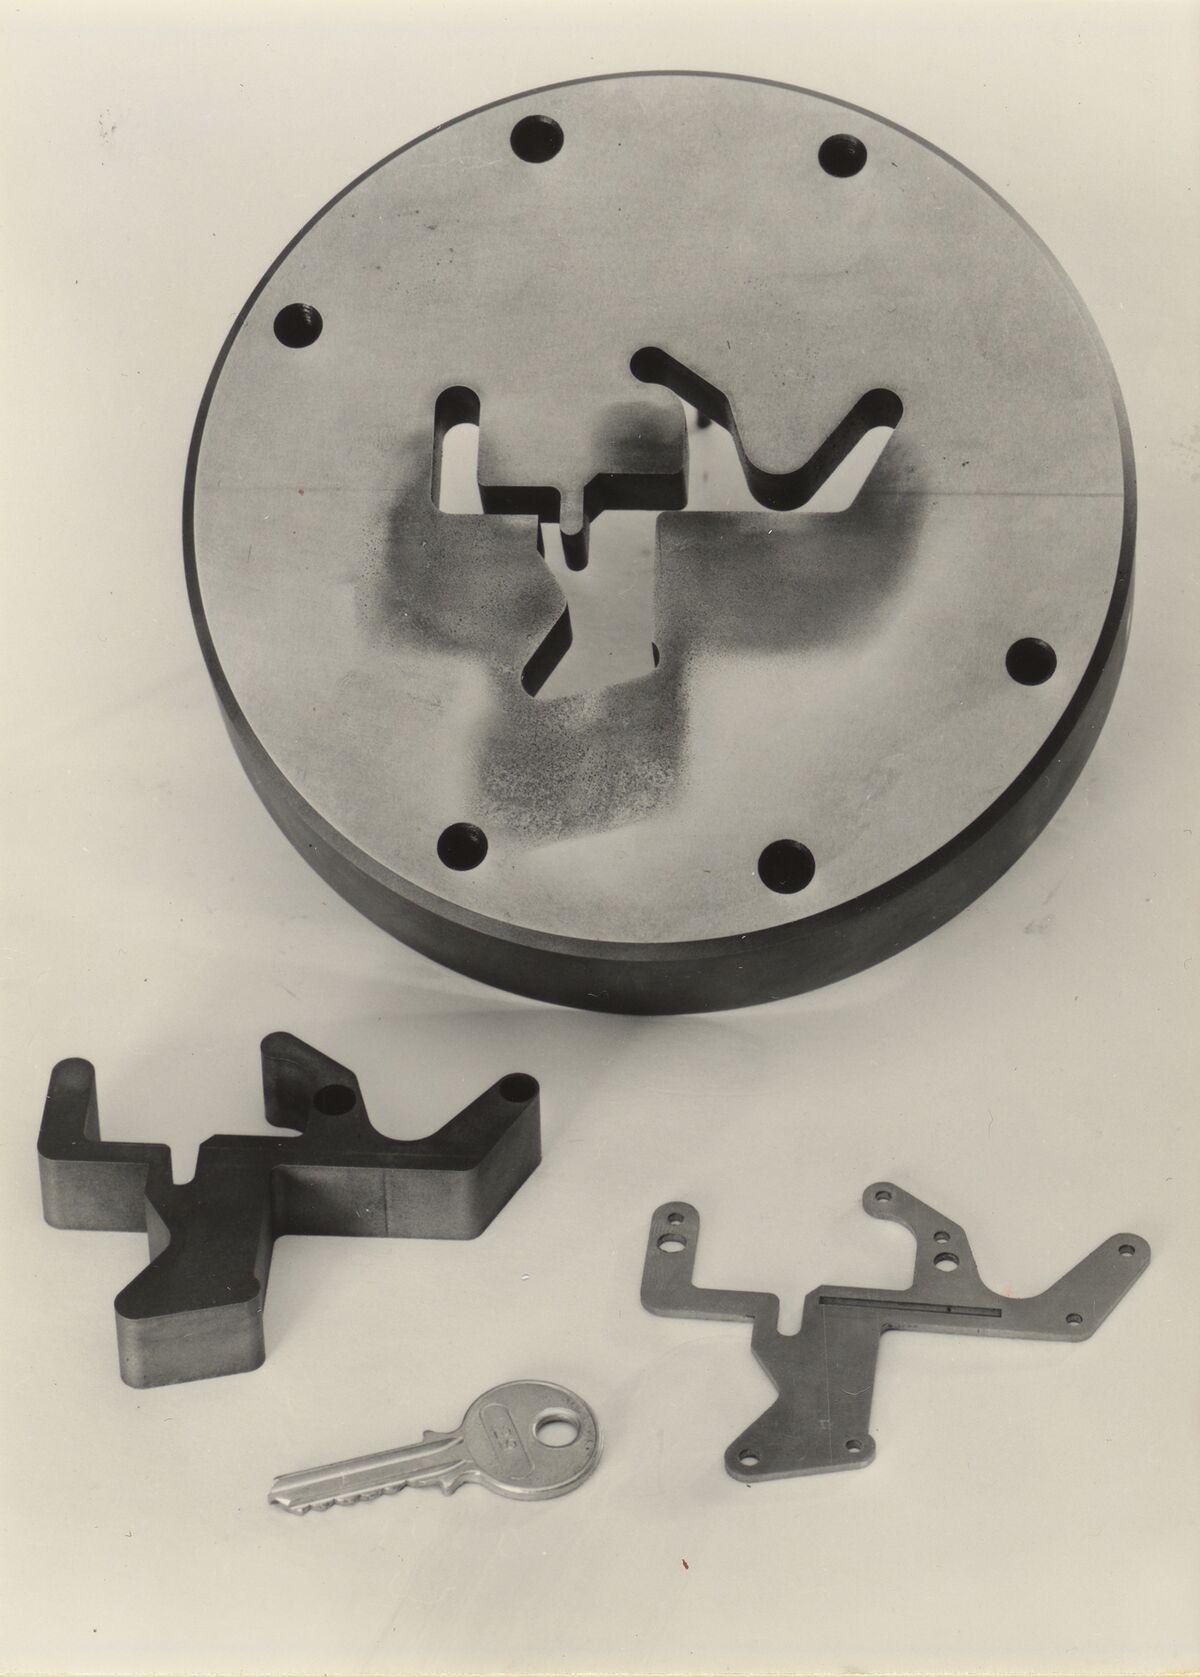 GFA 42/37026: Schnittmatrize für ein Feinstanzwerkzeug